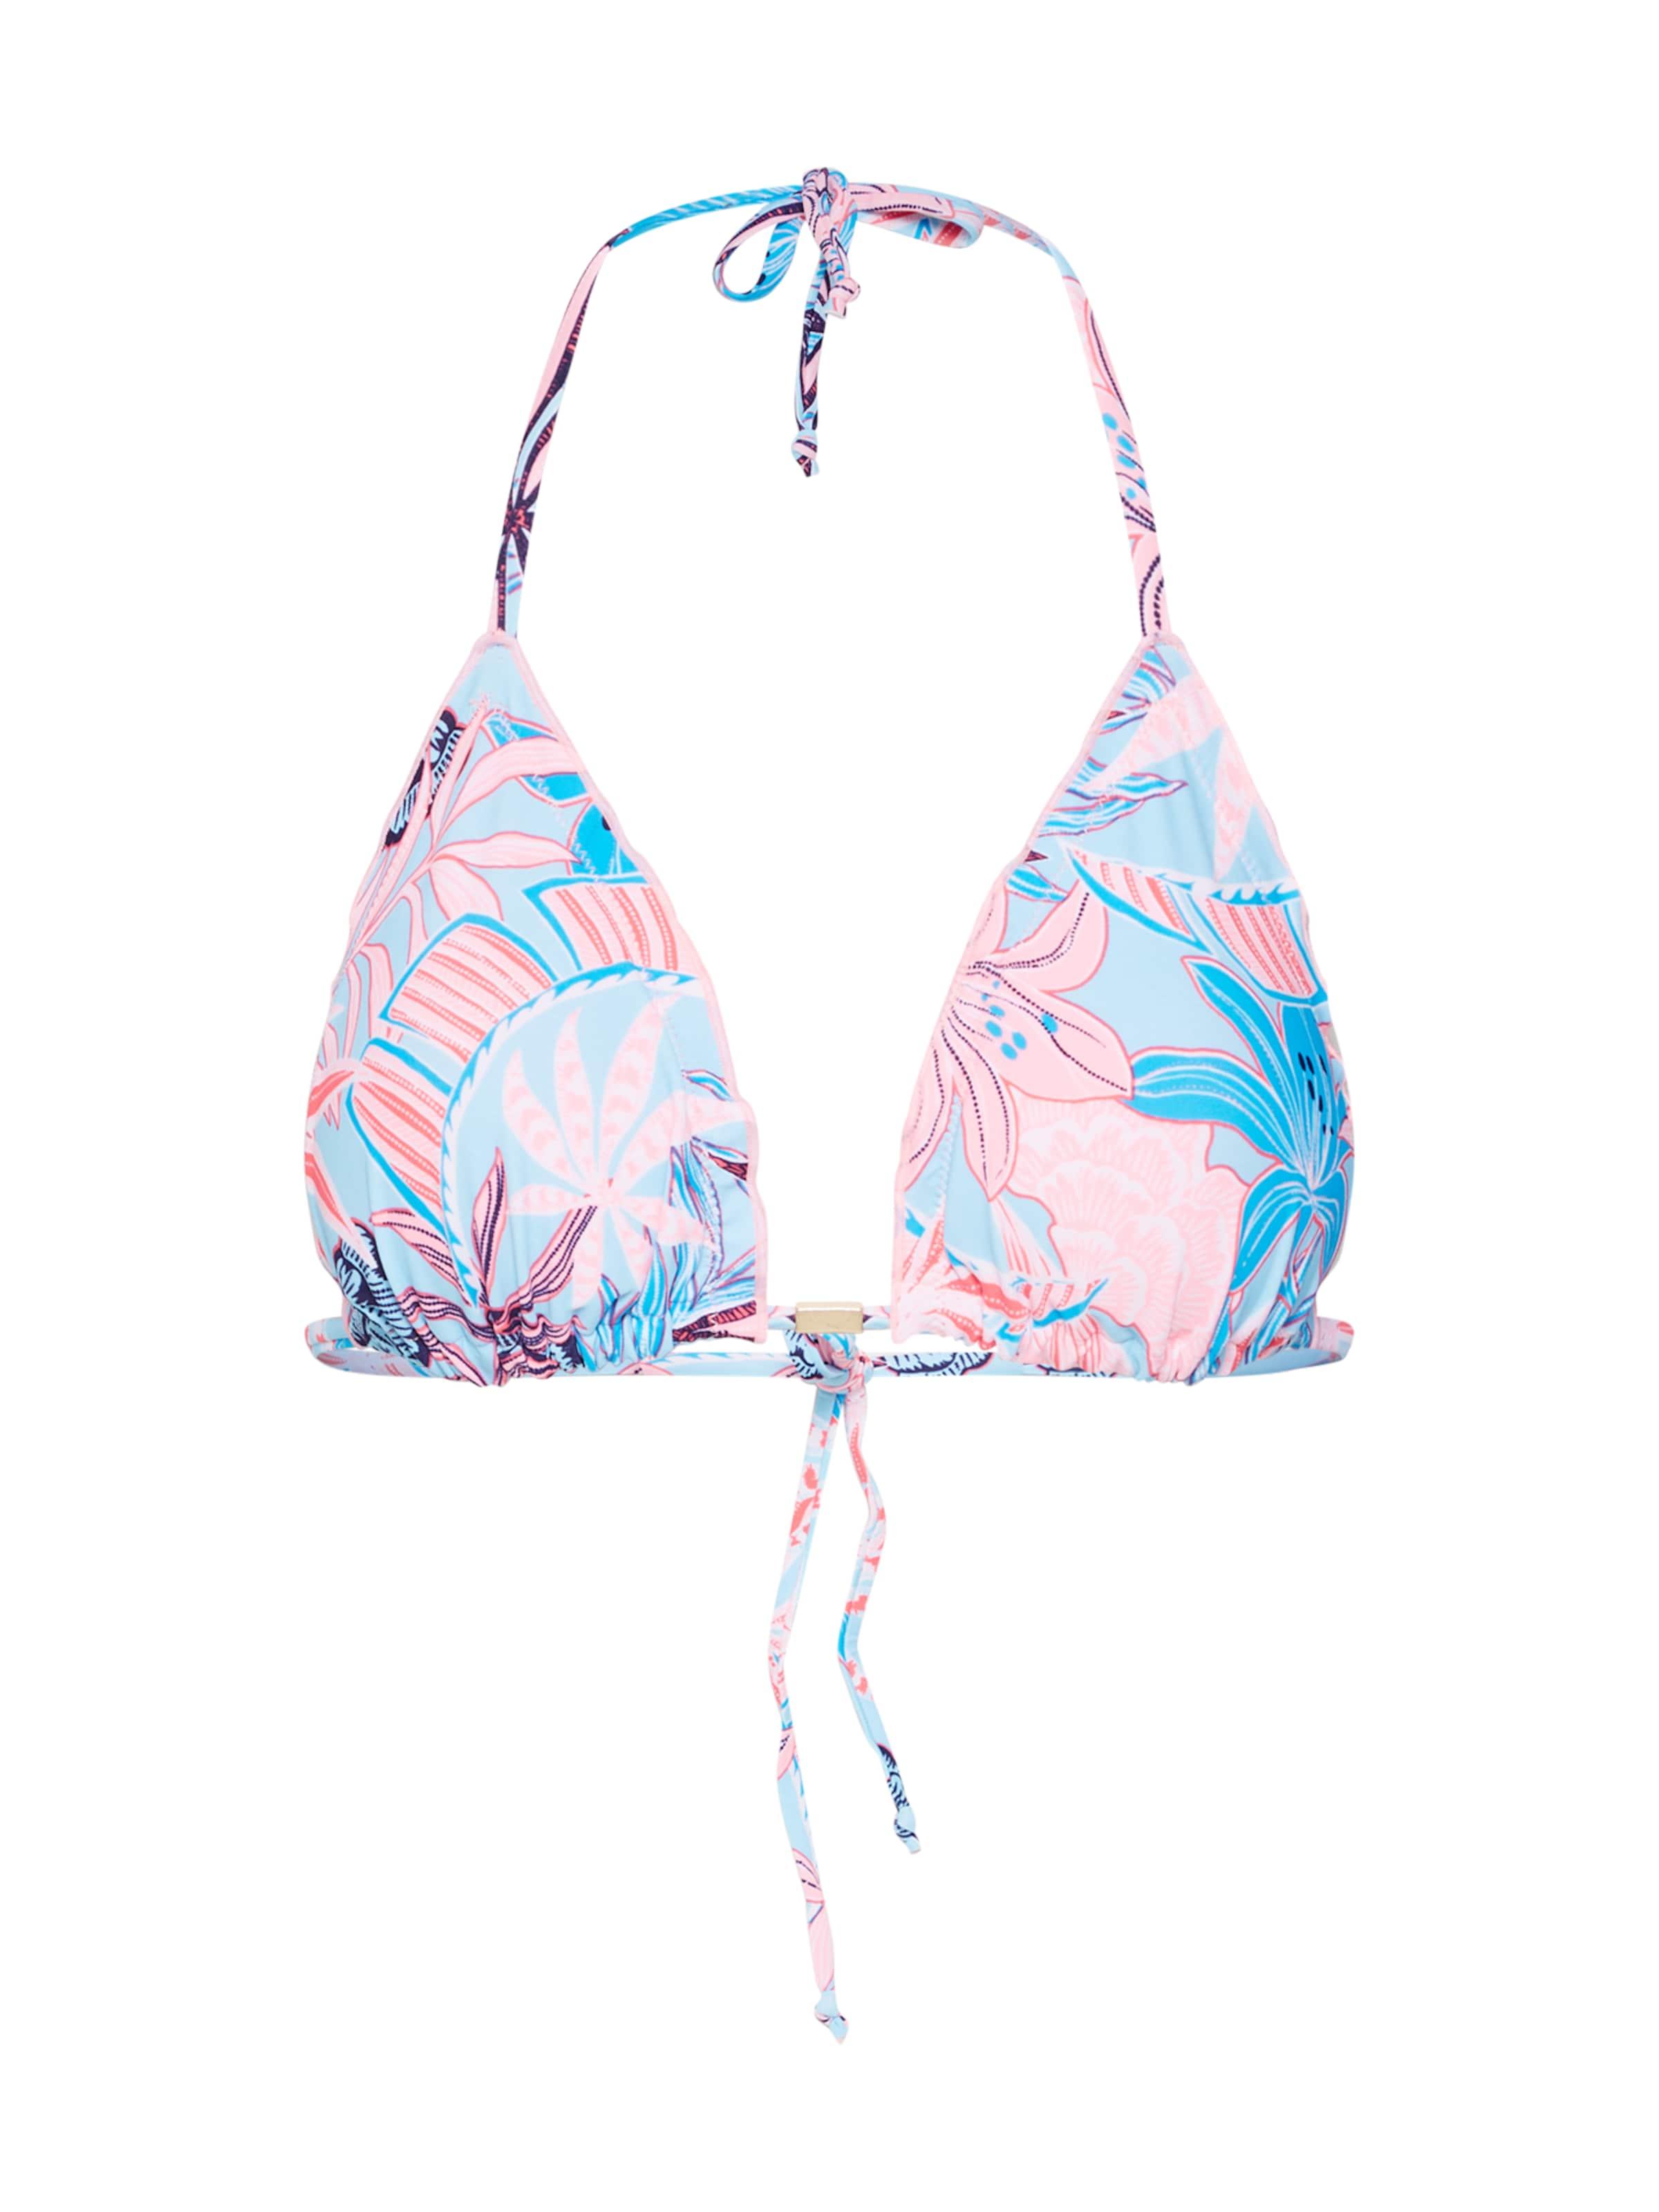 Triangle' 'juxtaflo Bleu Hunkemöller Hauts De Bikini En ClairRose A3Rj54L